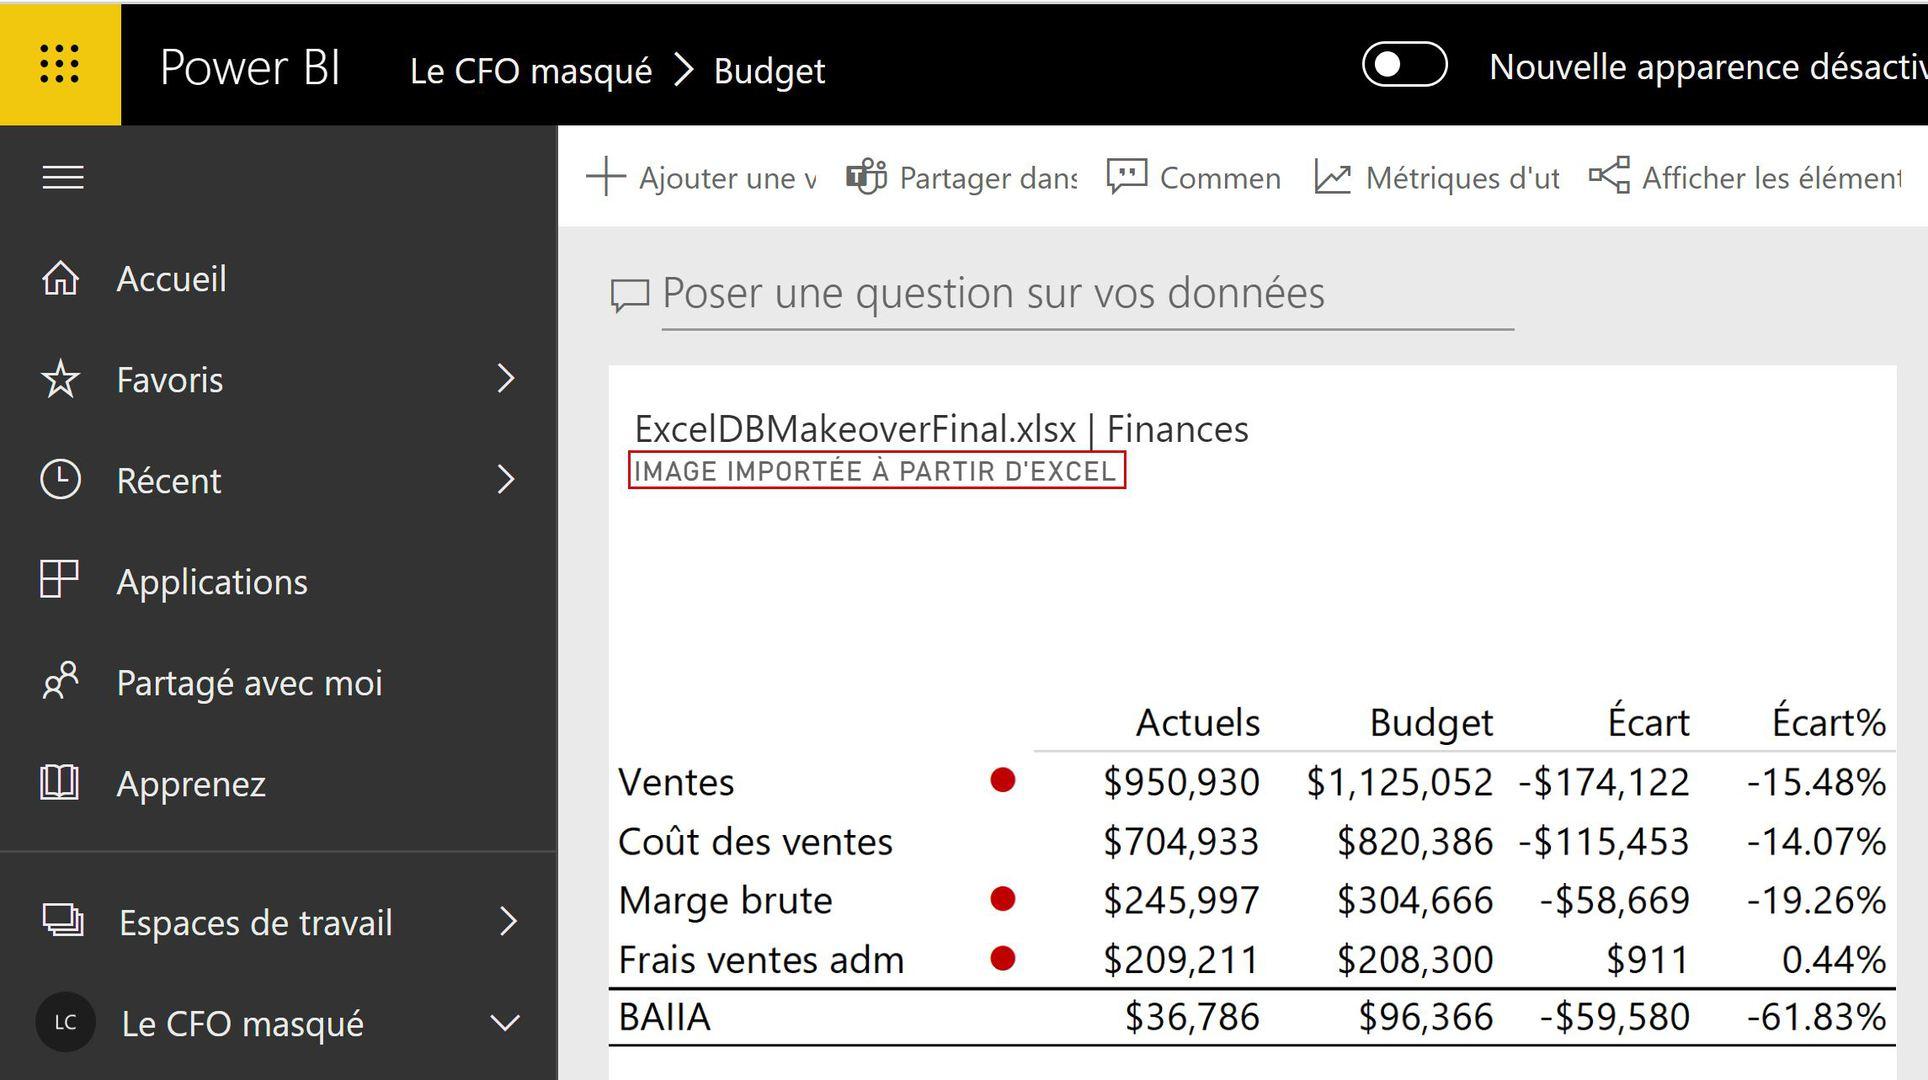 Image importée à partir d'Excel